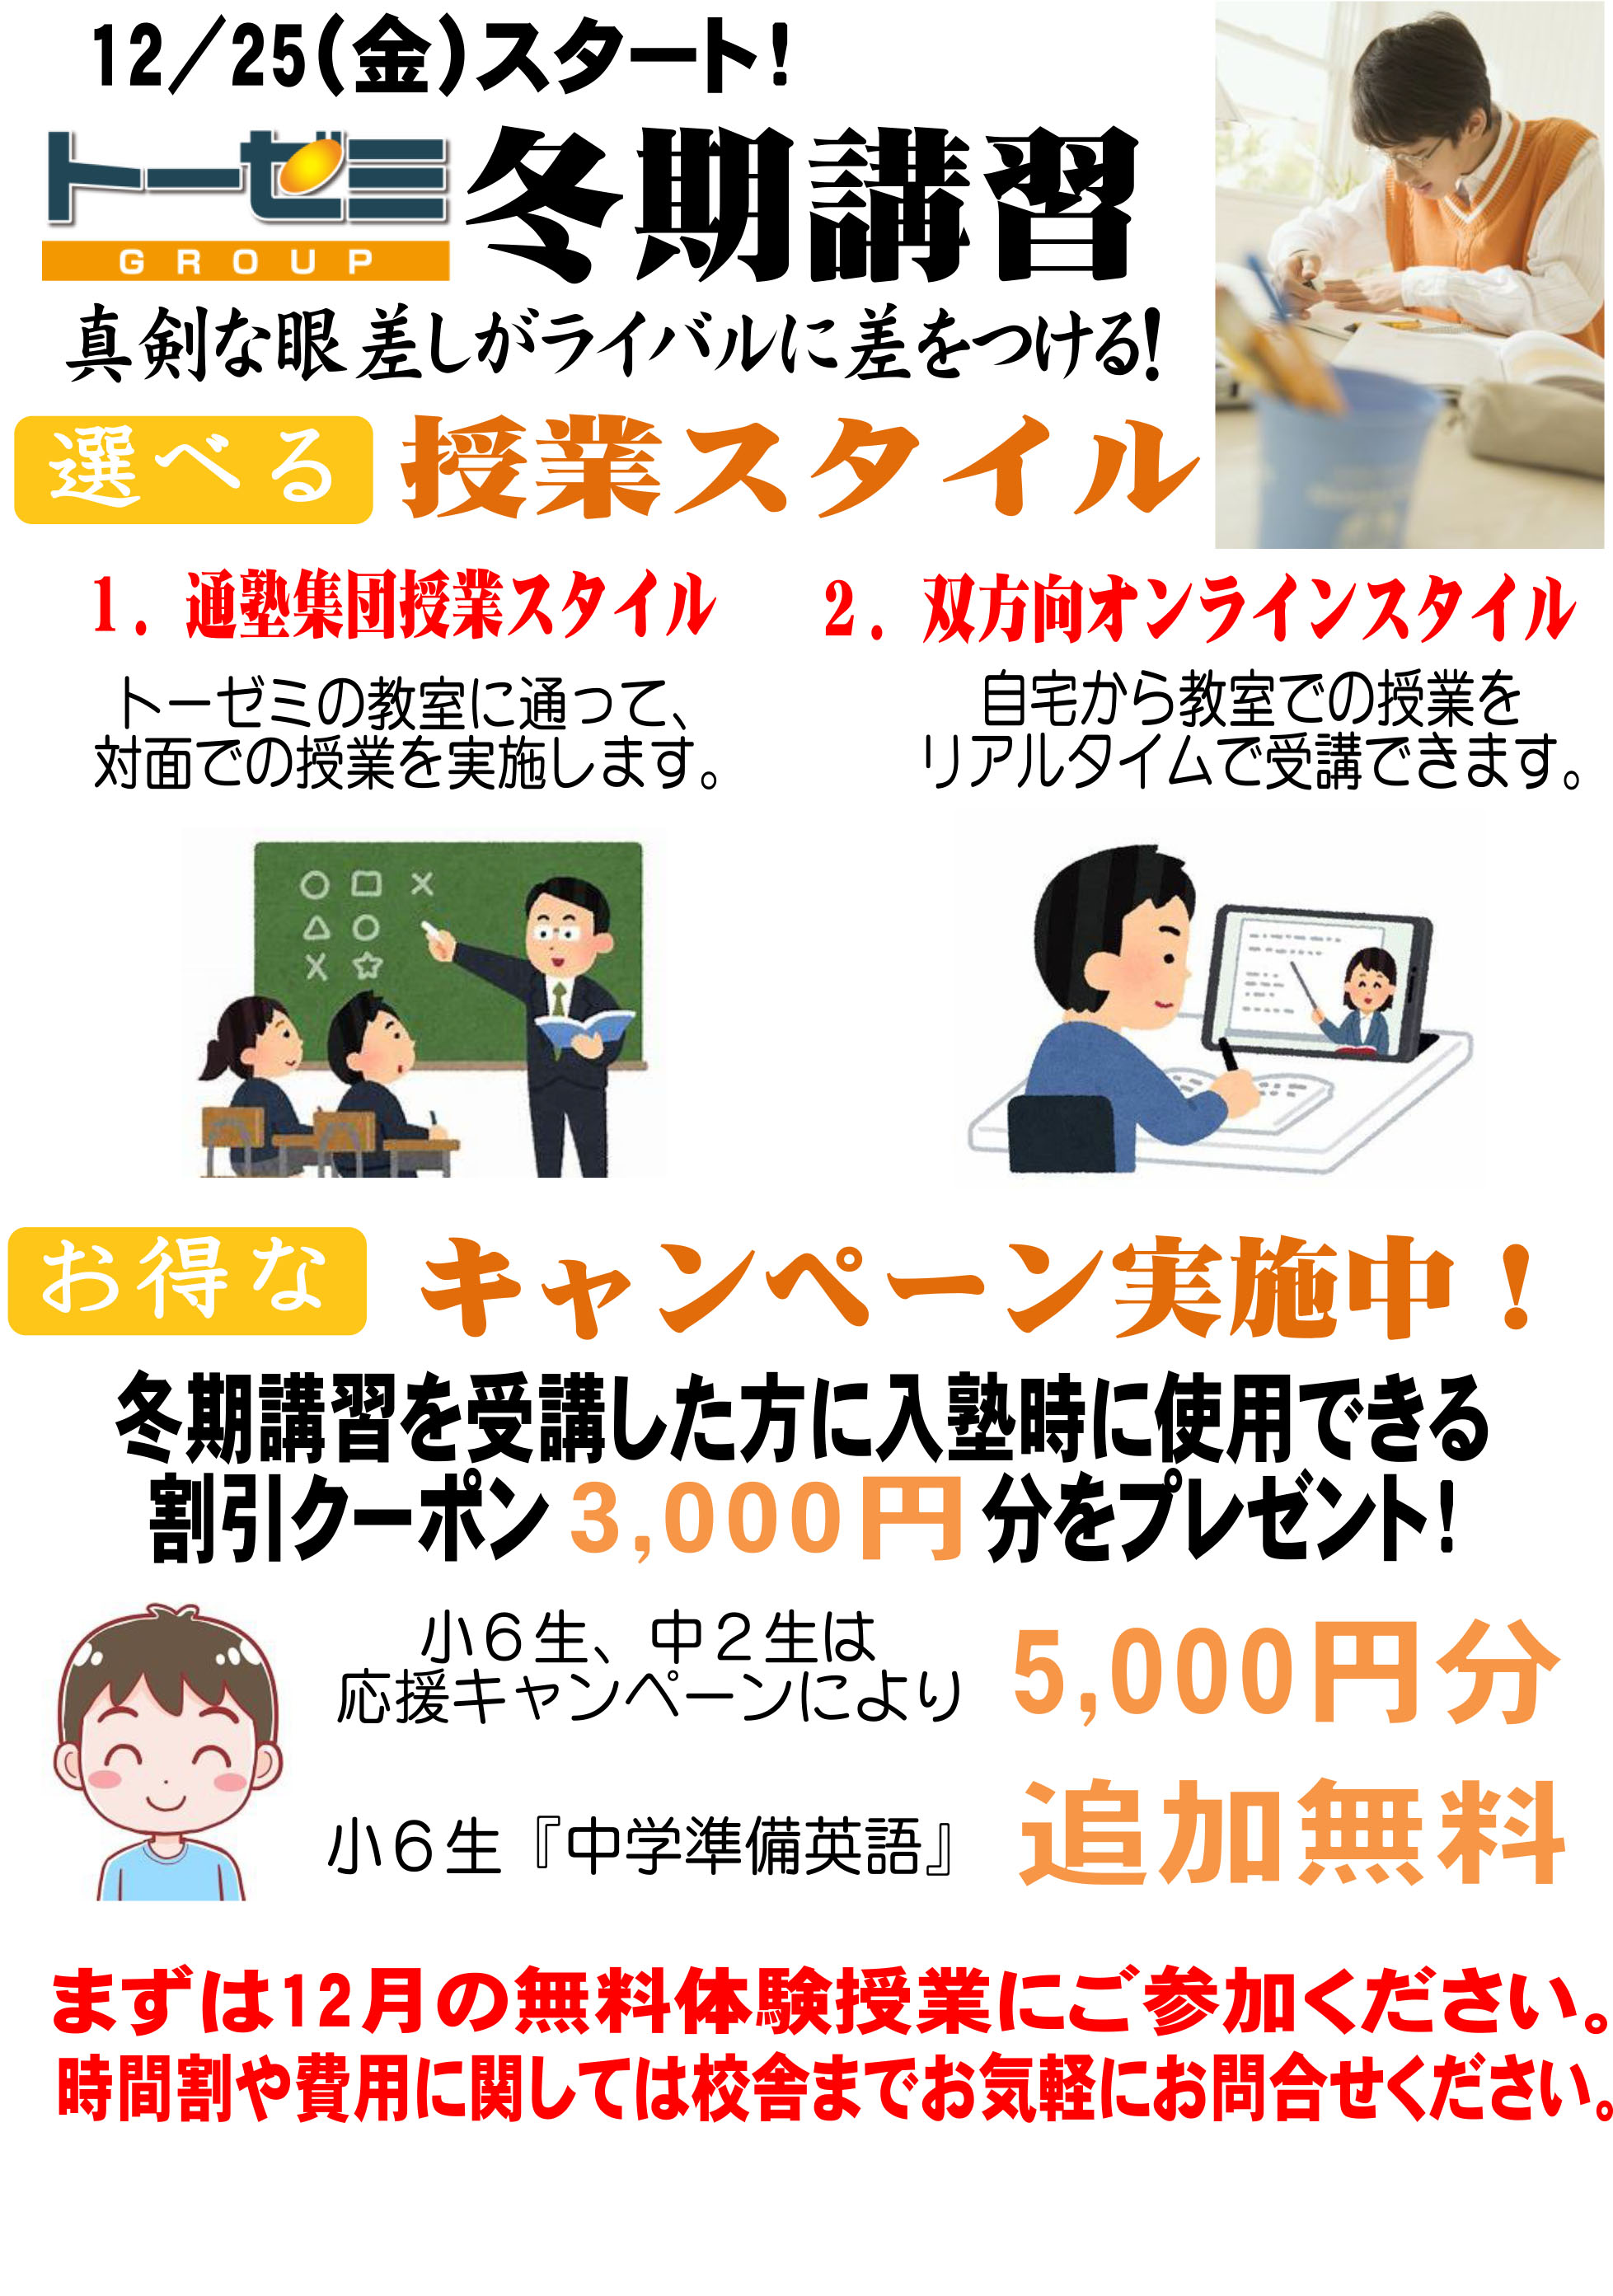 伊勢原校 校舎通信 3月号